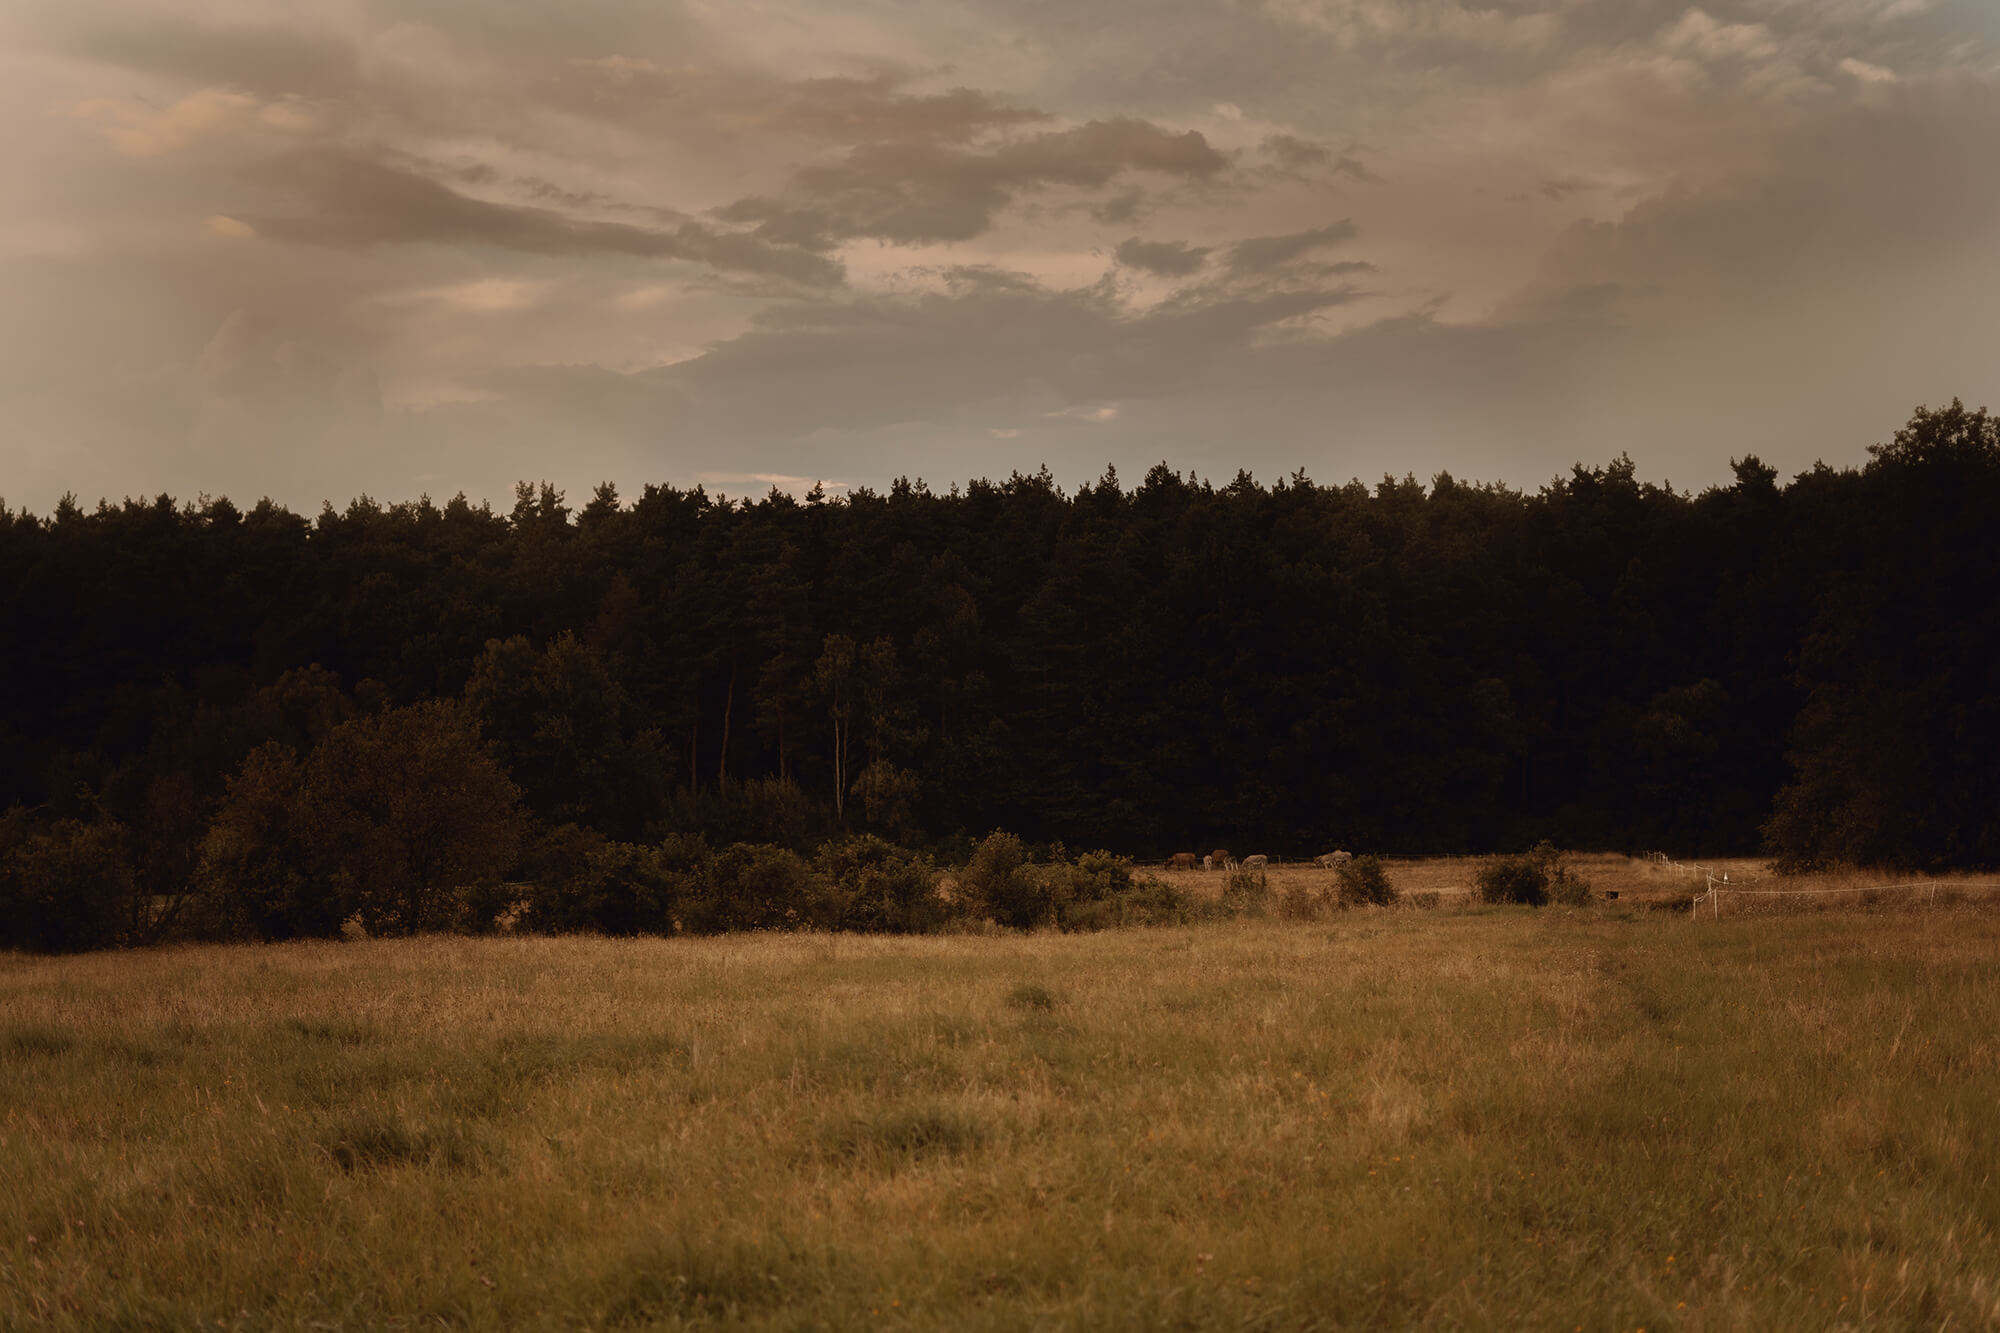 Sesja narzeczenska z osiolkami00010 - Kinga + Waldek | sesja narzeczeńska na farmie osiołków